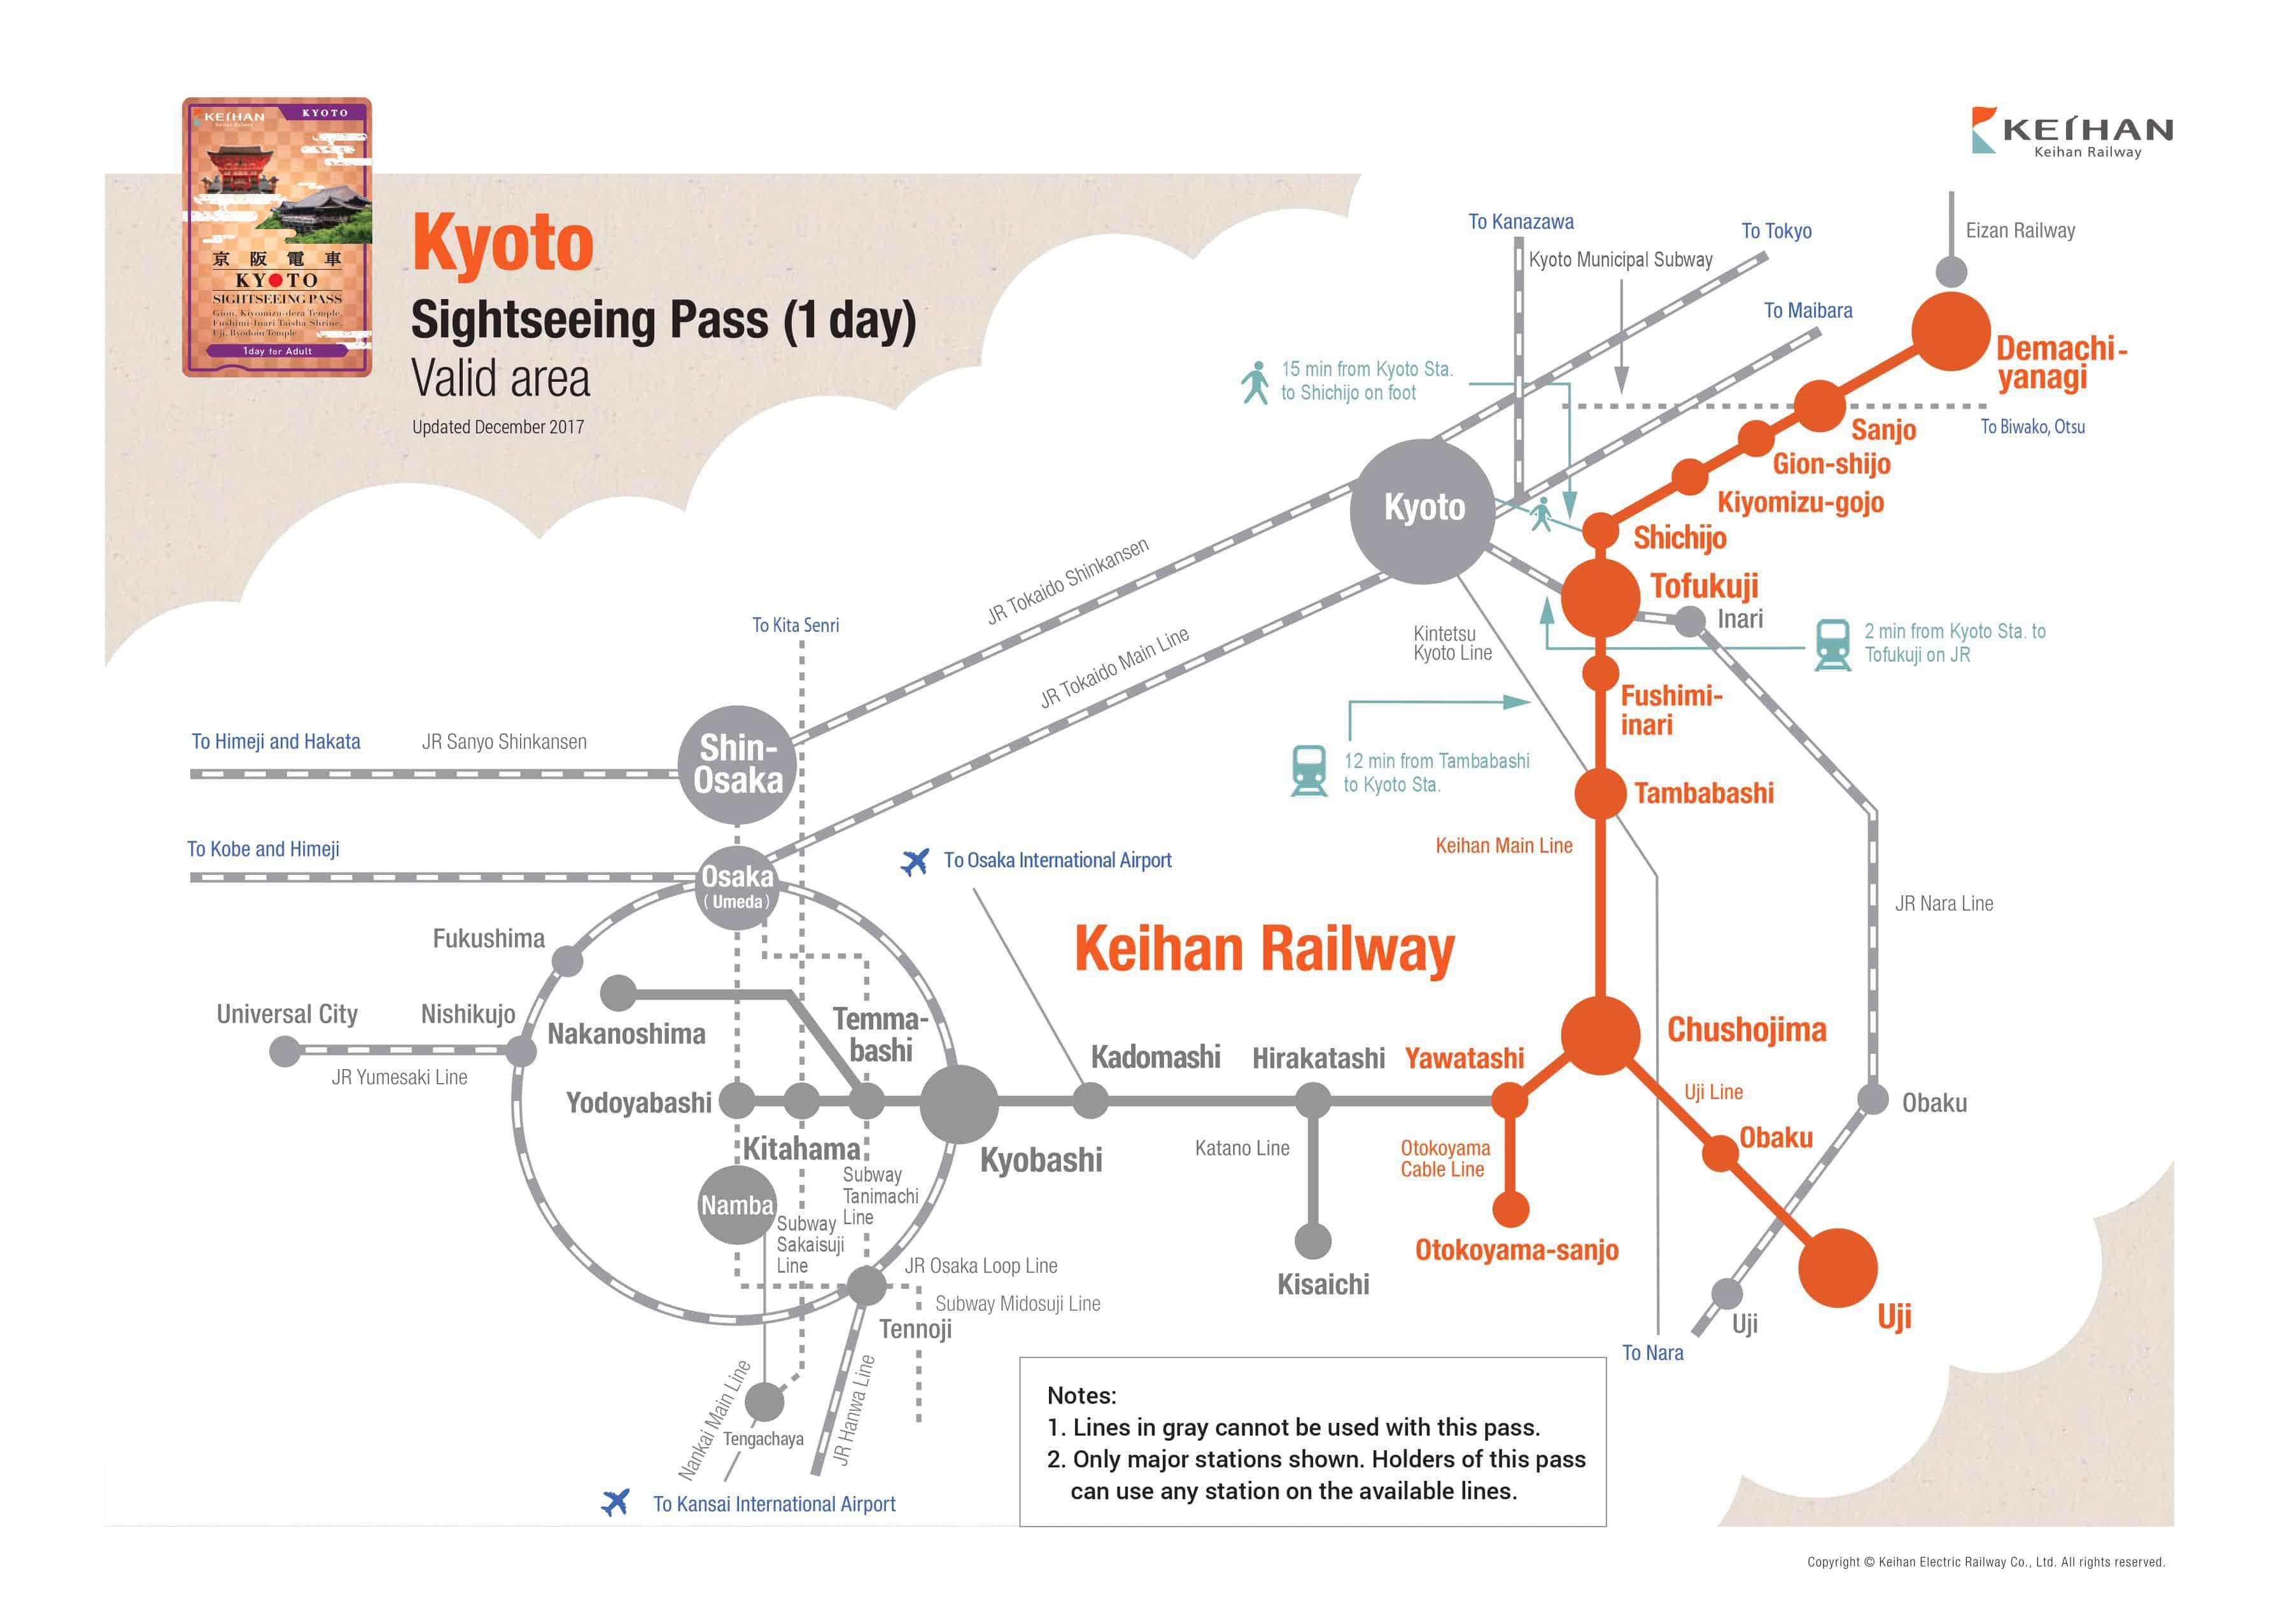 สถานีที่สามารถใช้ Sightseeing Pass 1 day (Kyoto) ได้